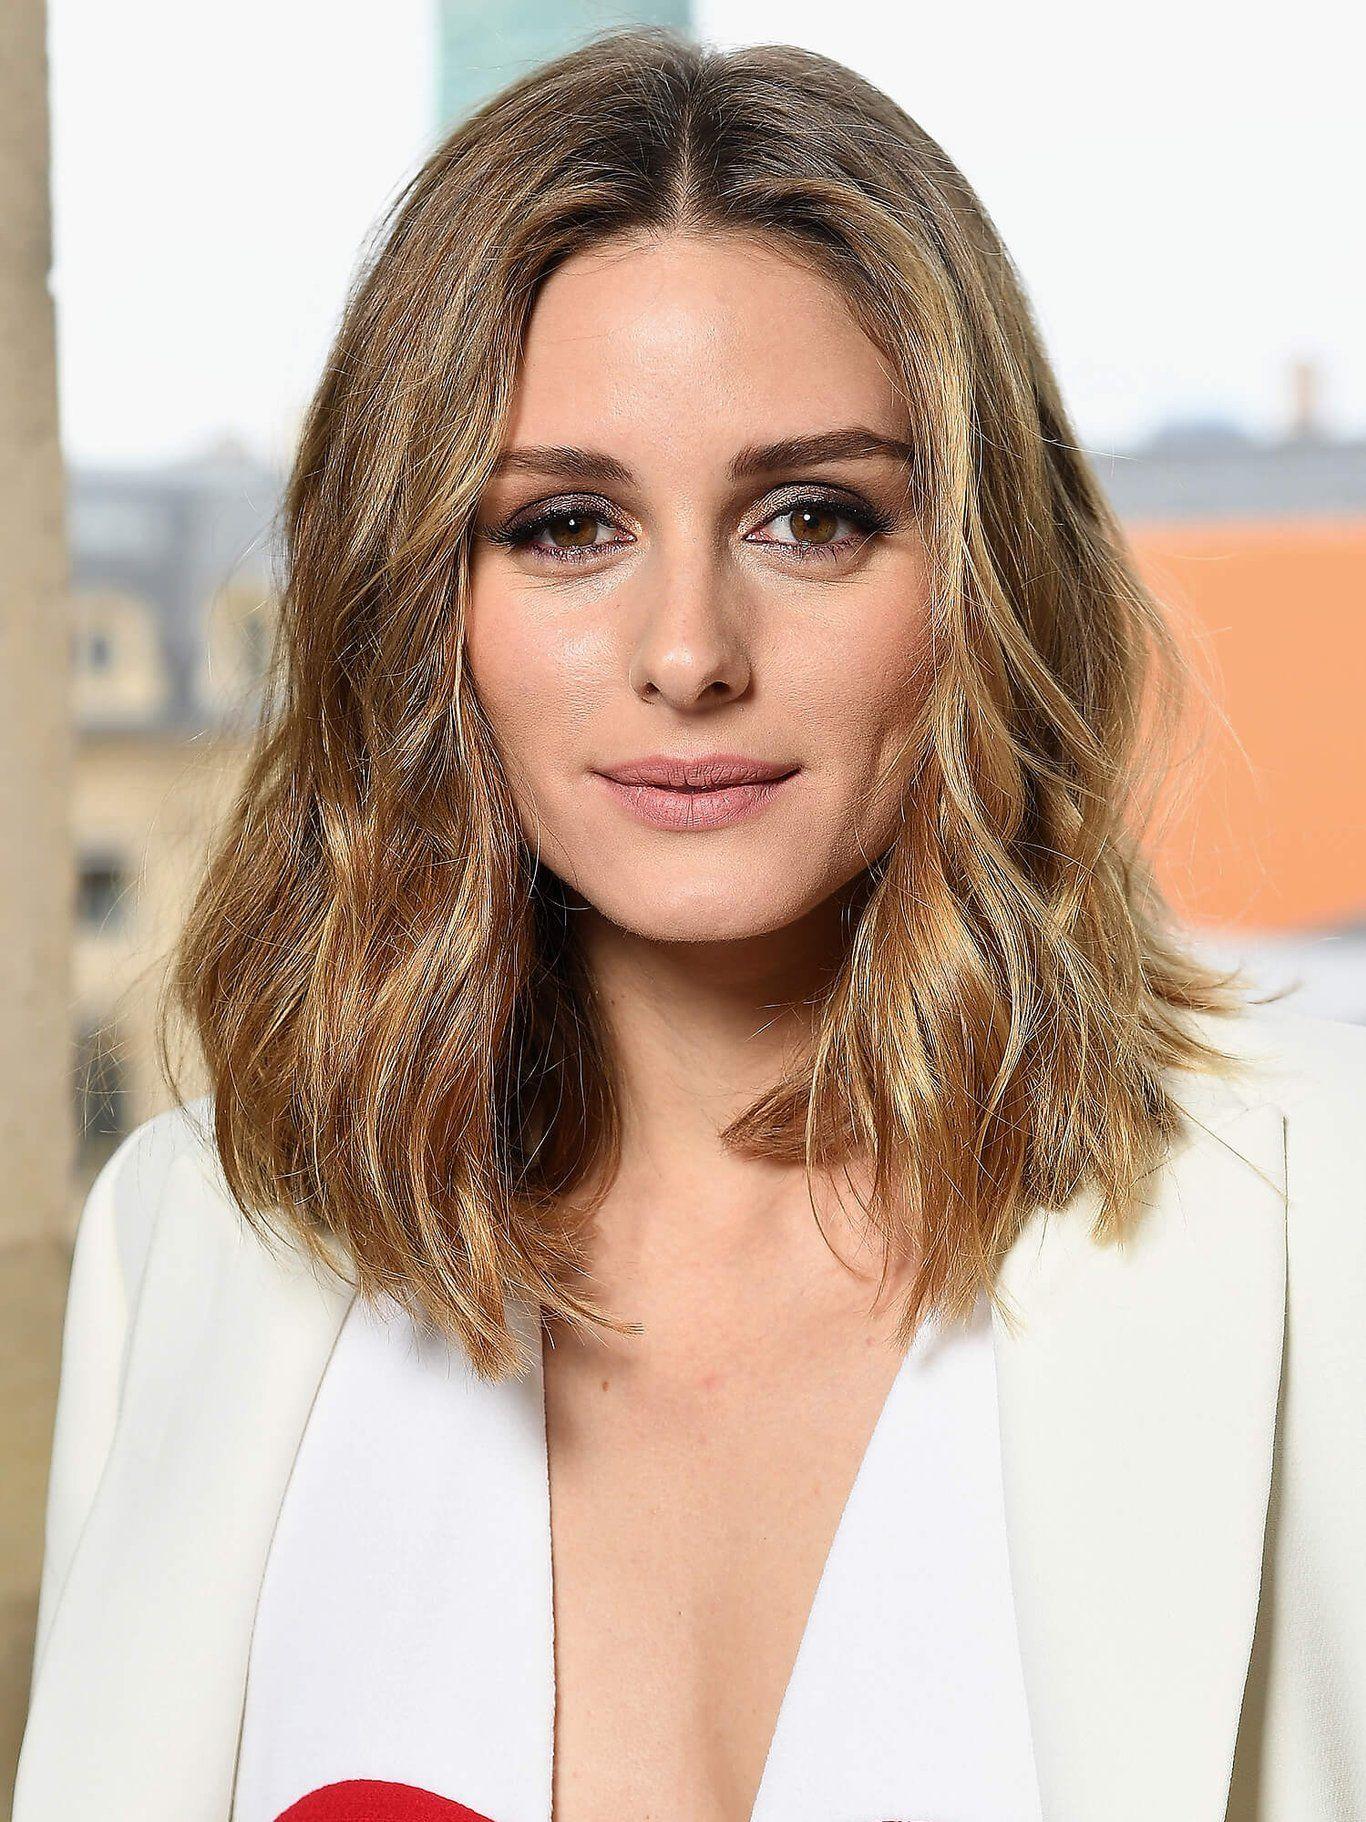 sommerfrisuren: haarschnitte & stylings für den sommer